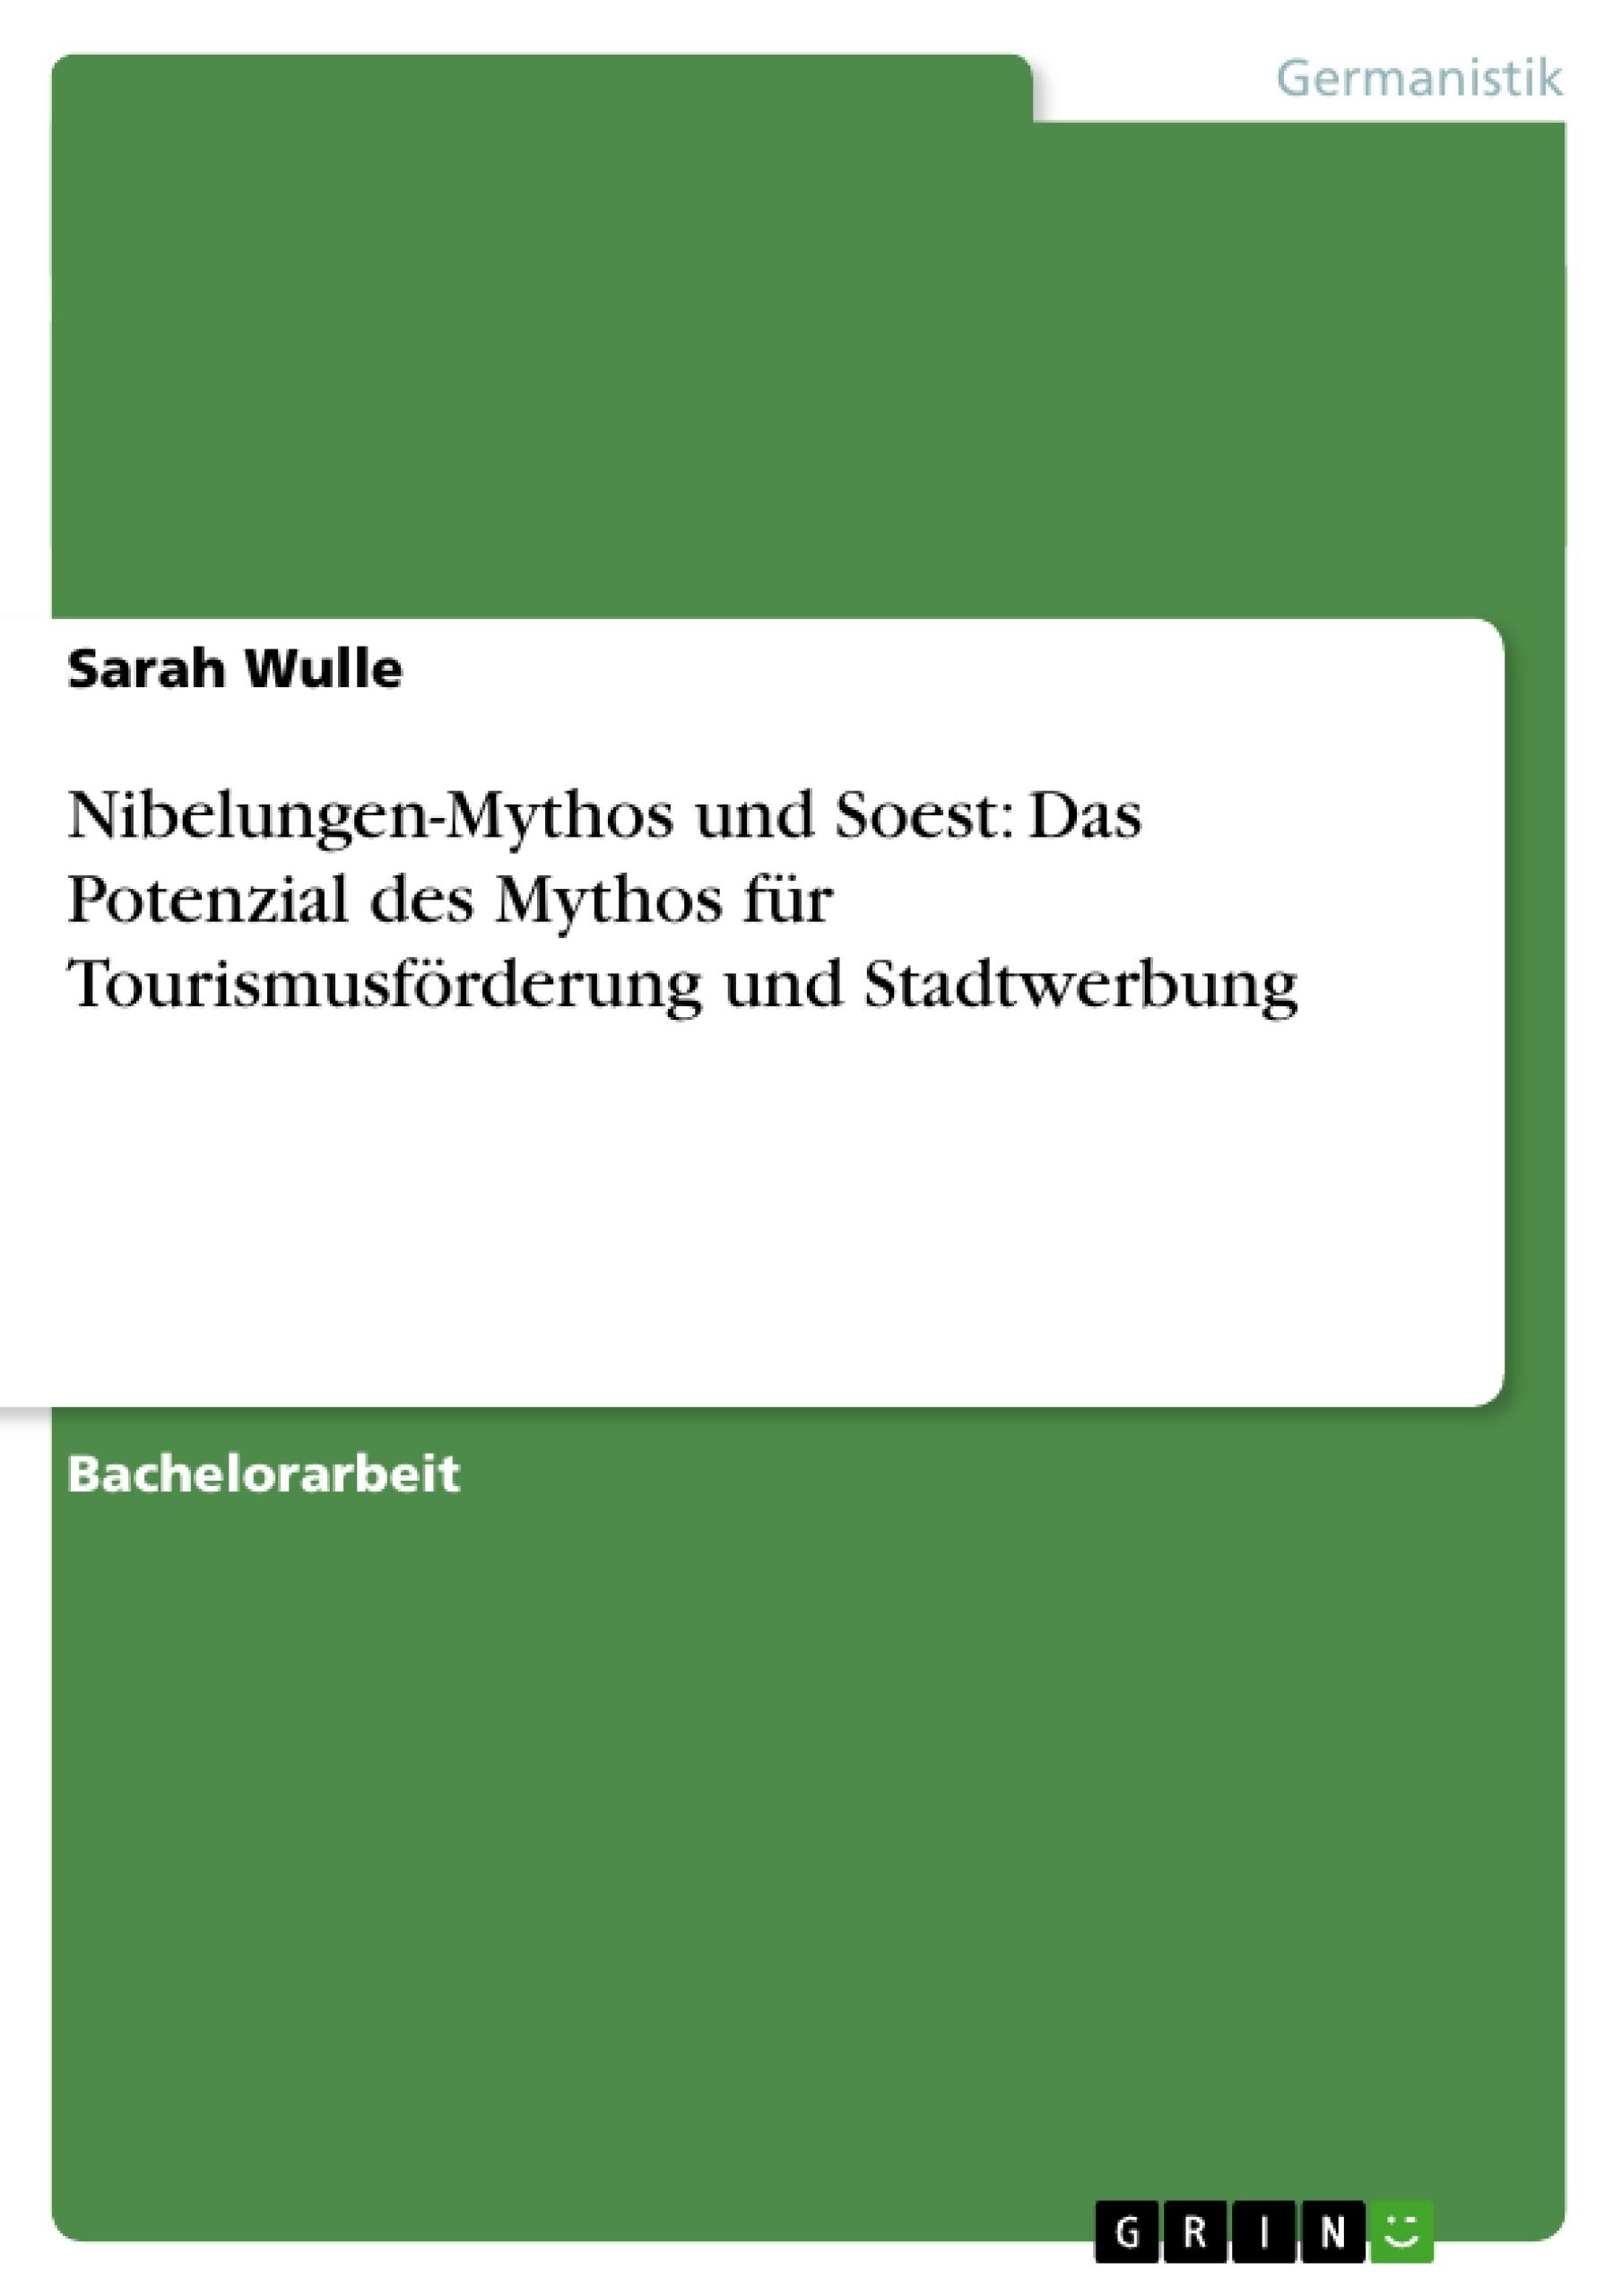 Titel: Nibelungen-Mythos und Soest: Das Potenzial des Mythos für Tourismusförderung und Stadtwerbung